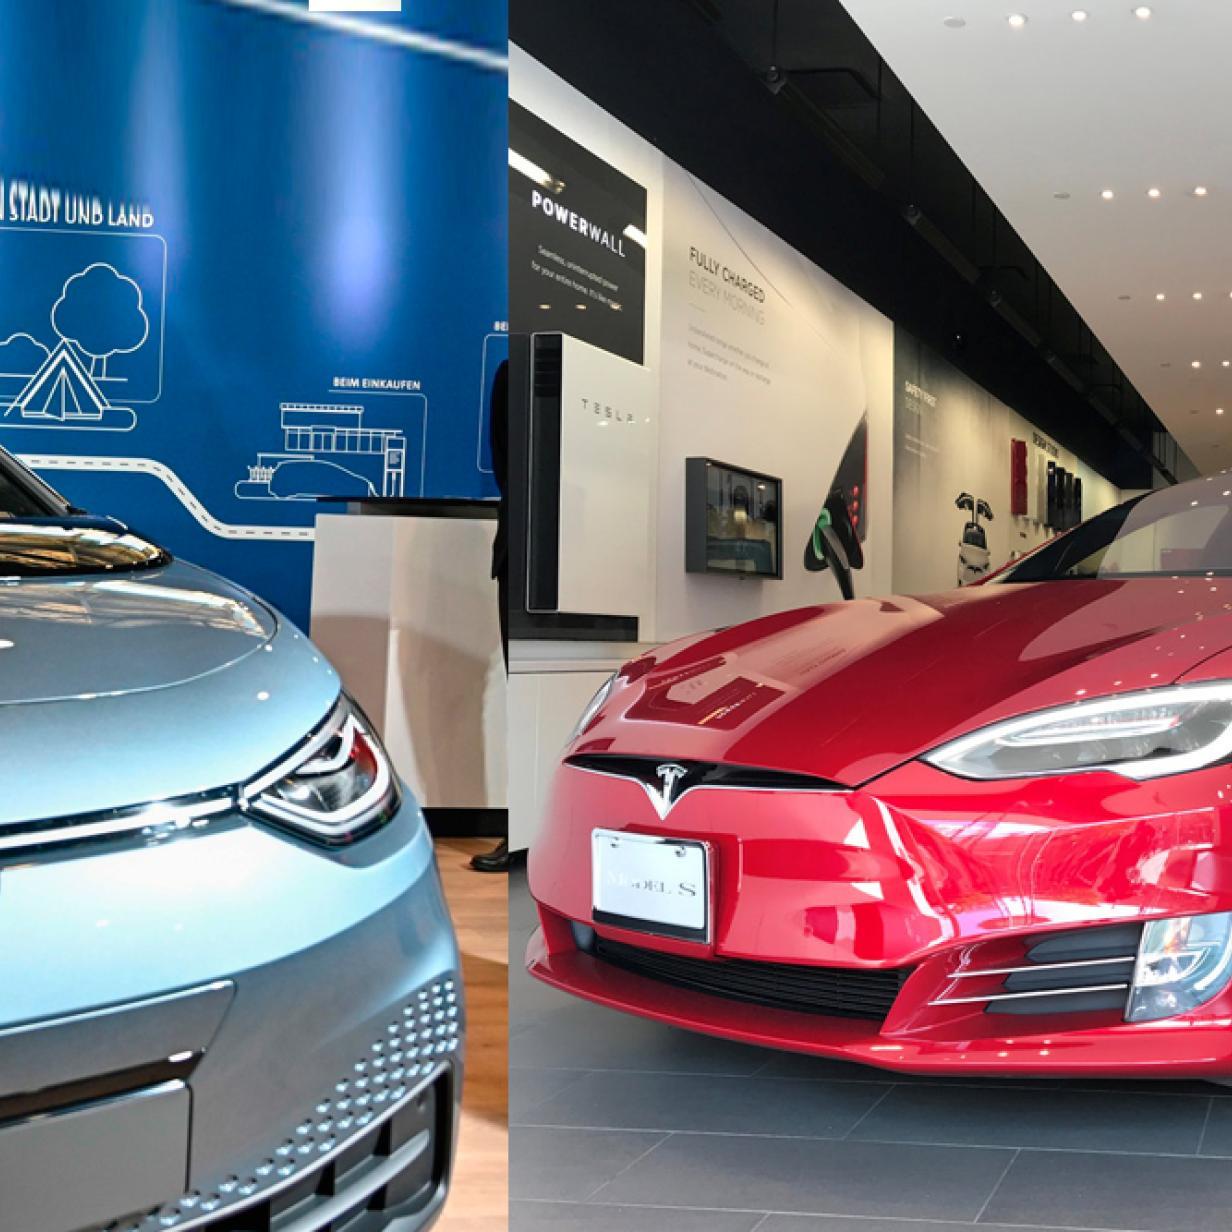 VW macht sich auf Werbeplakat über Tesla lustig